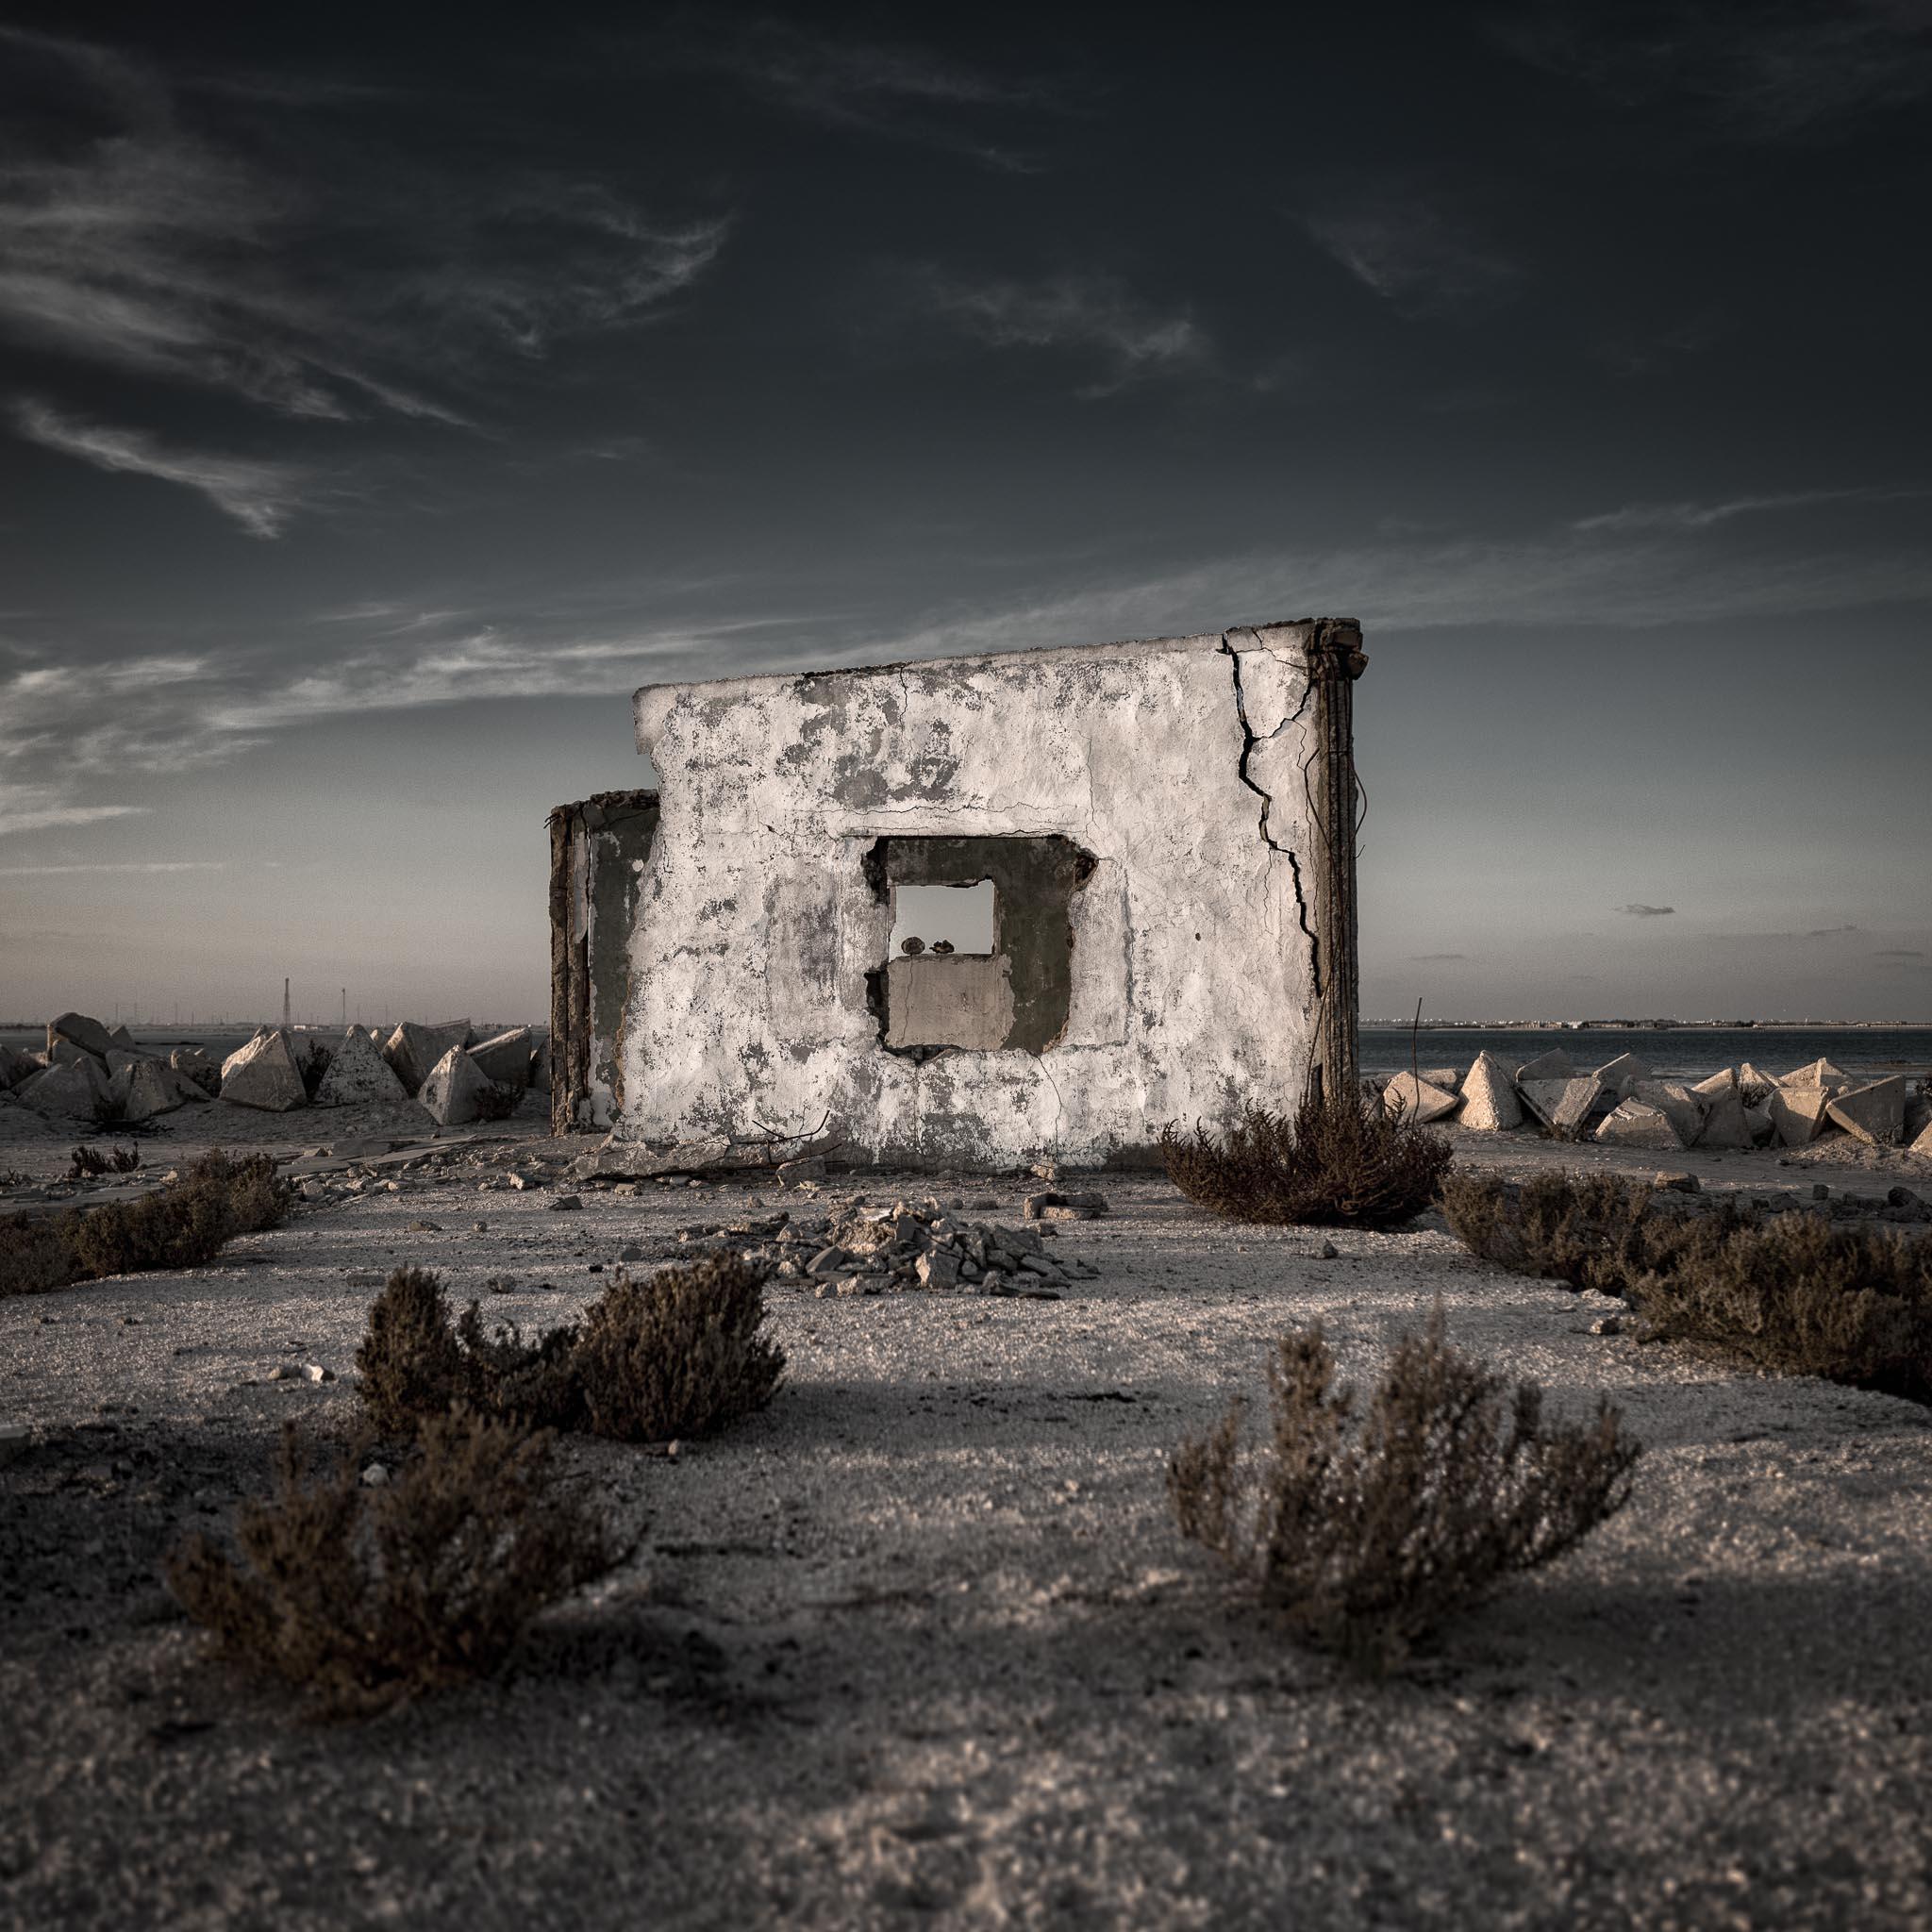 Rural Qatar